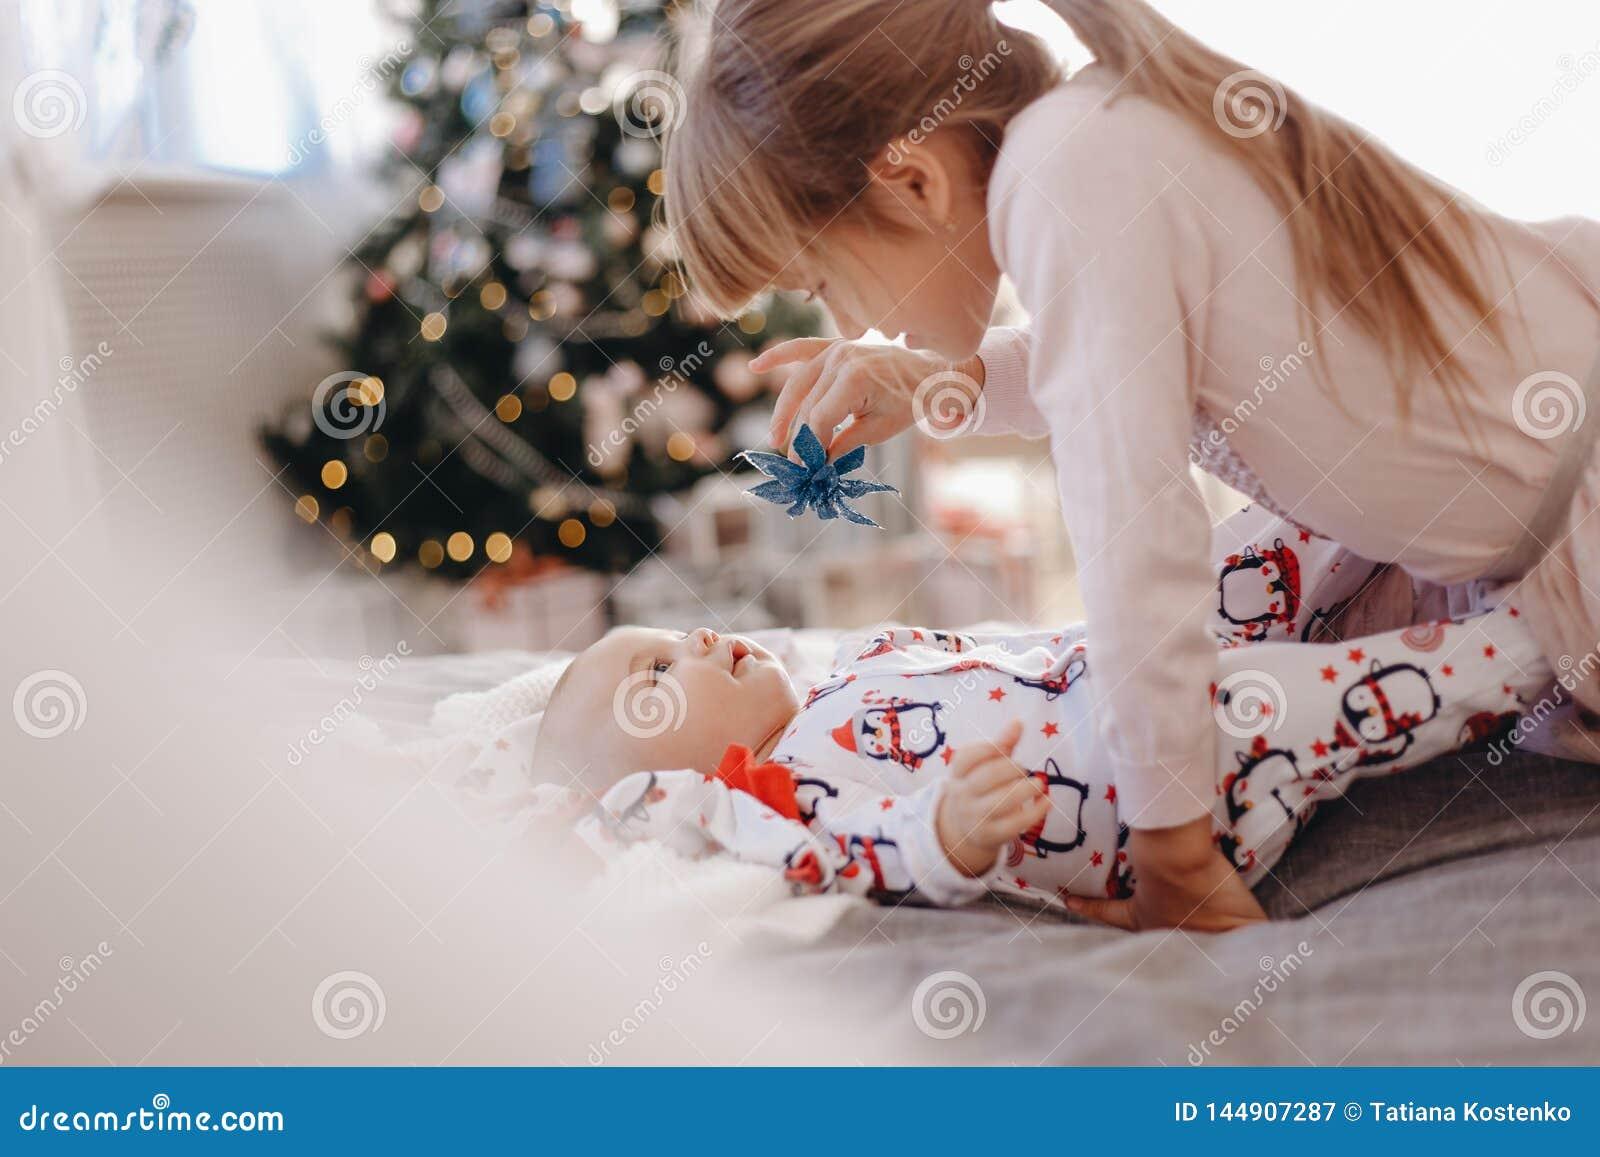 """Το μικρό κορίτσι που ντύνεται στην πυτζάμα εξετάζει Ï""""Î¿ μικροσκοπικό αÎ"""